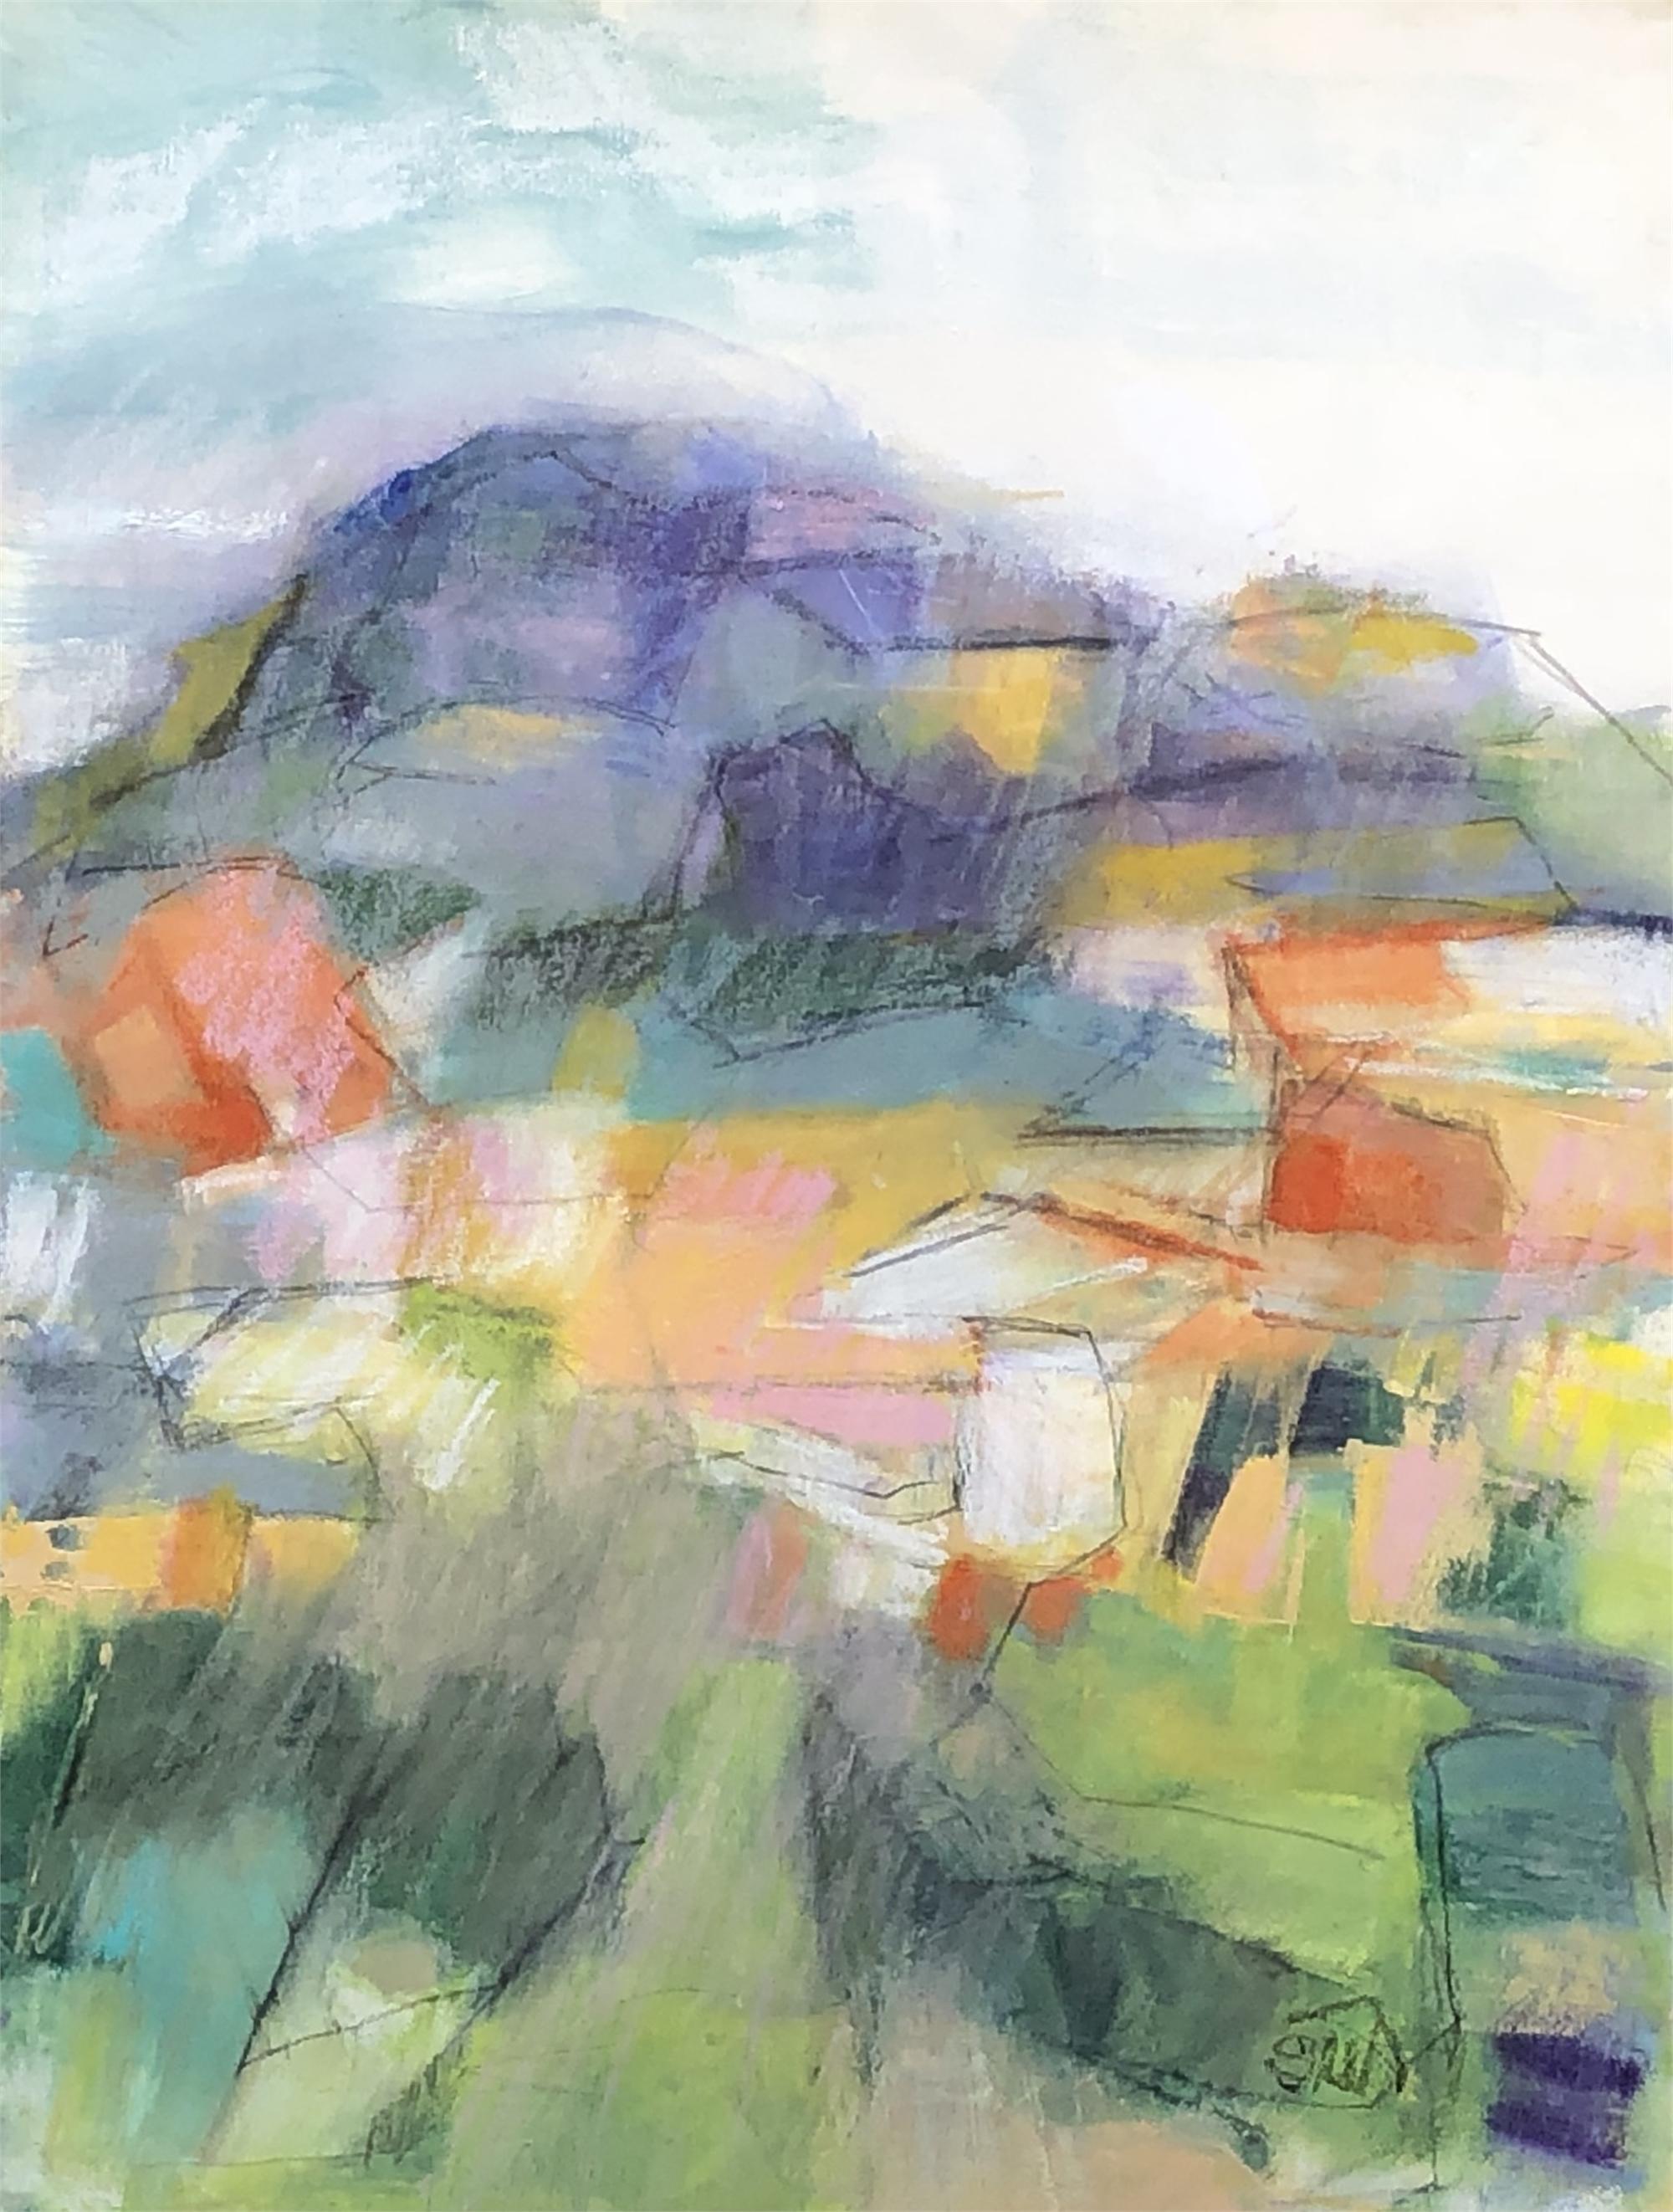 Monhegan Sunlit by Susan Altman